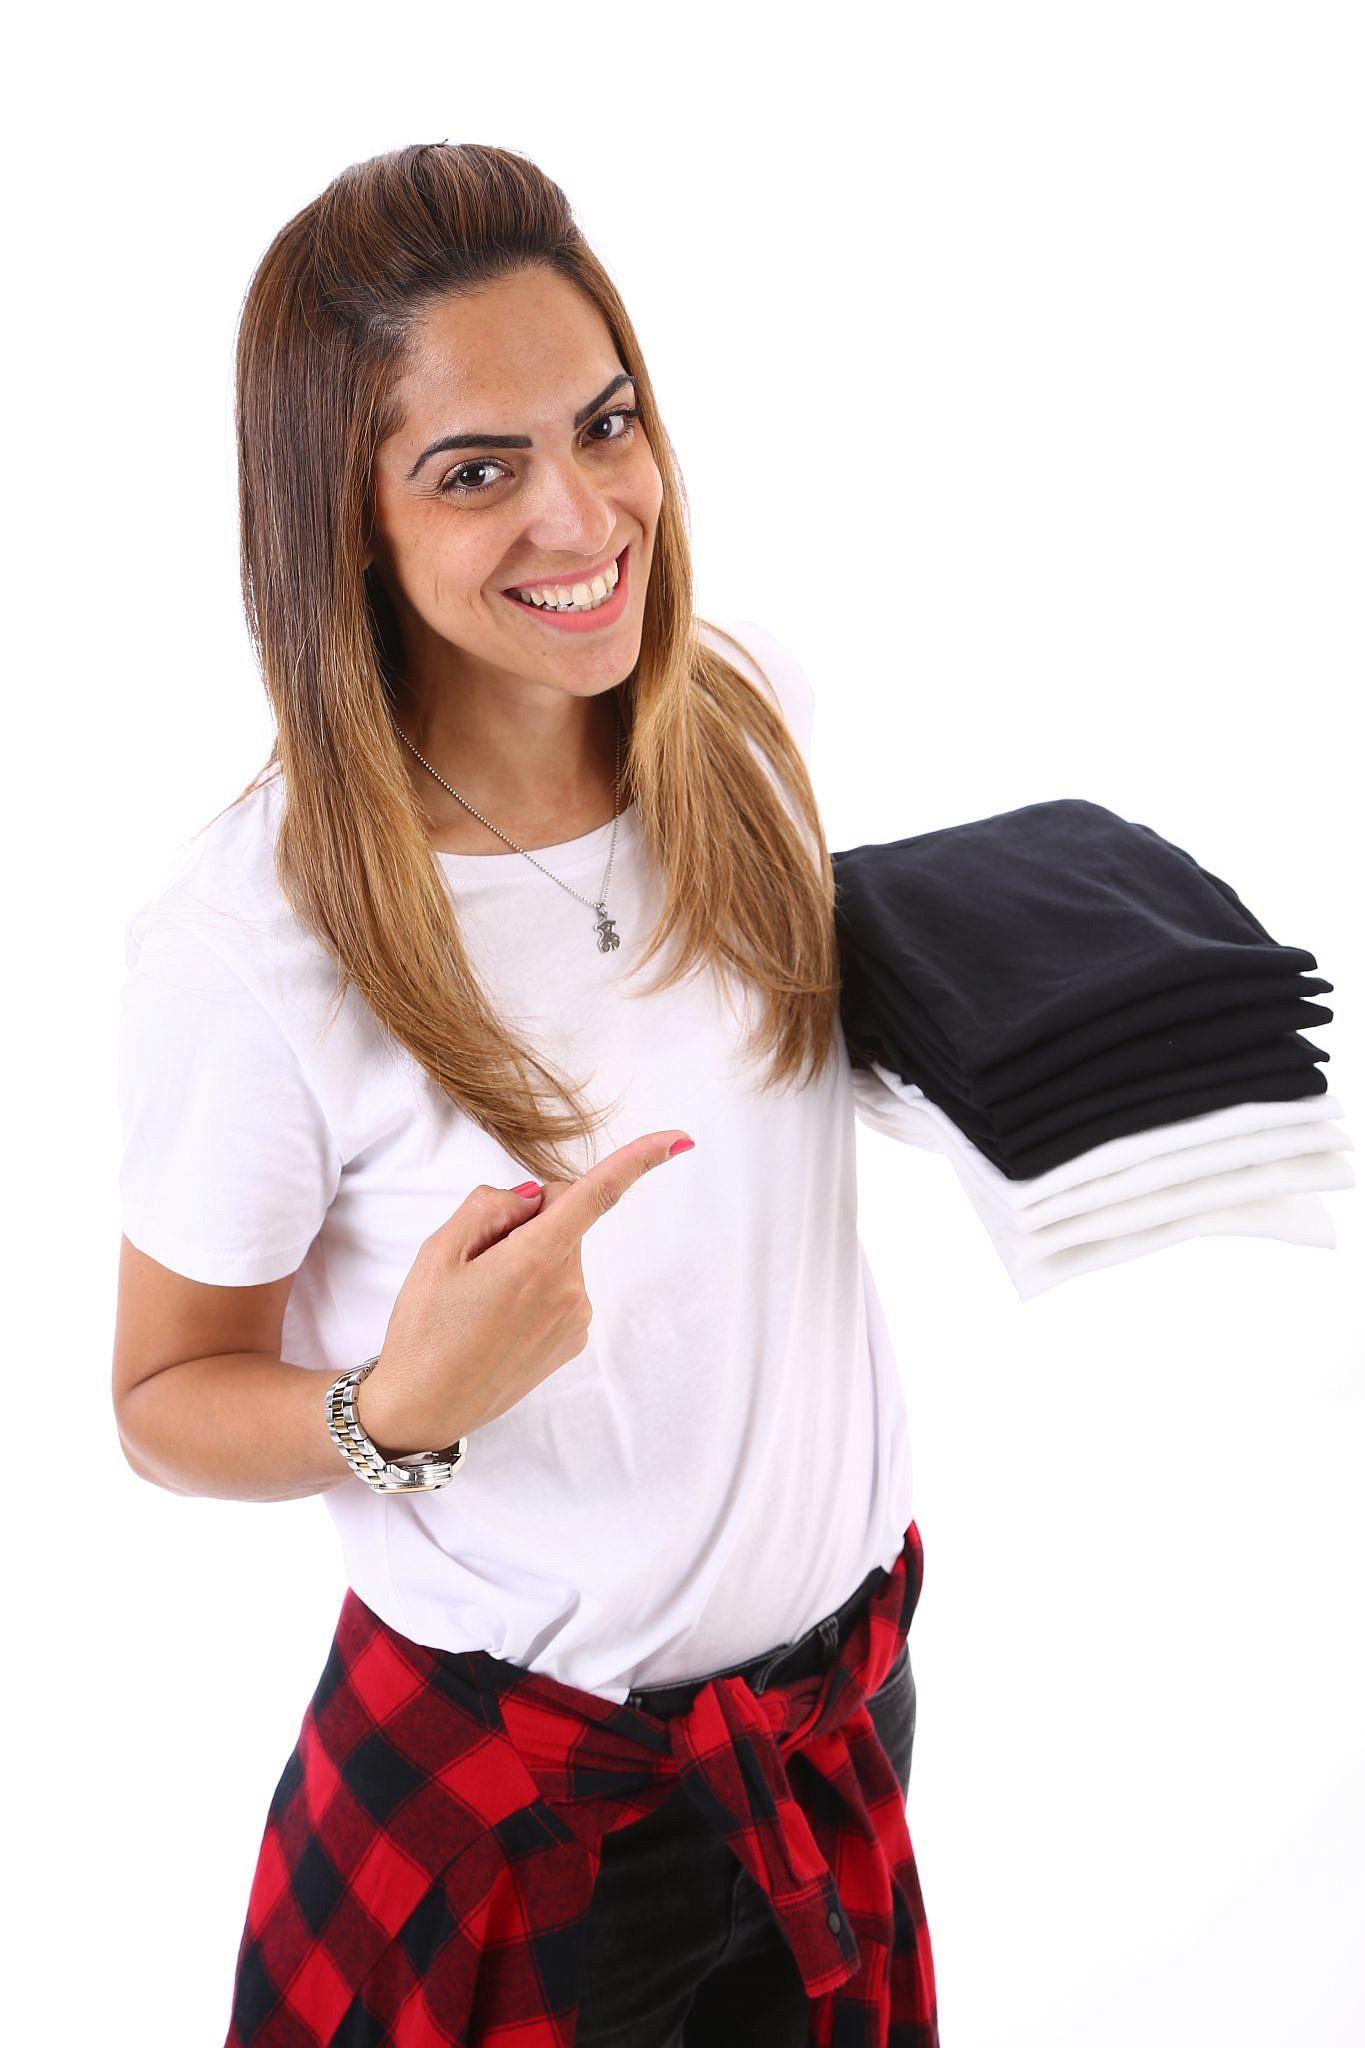 לא לפחד להיפטר מבגדים: מסדרת הארונות שני אפרים | צילום: סיון פרג'